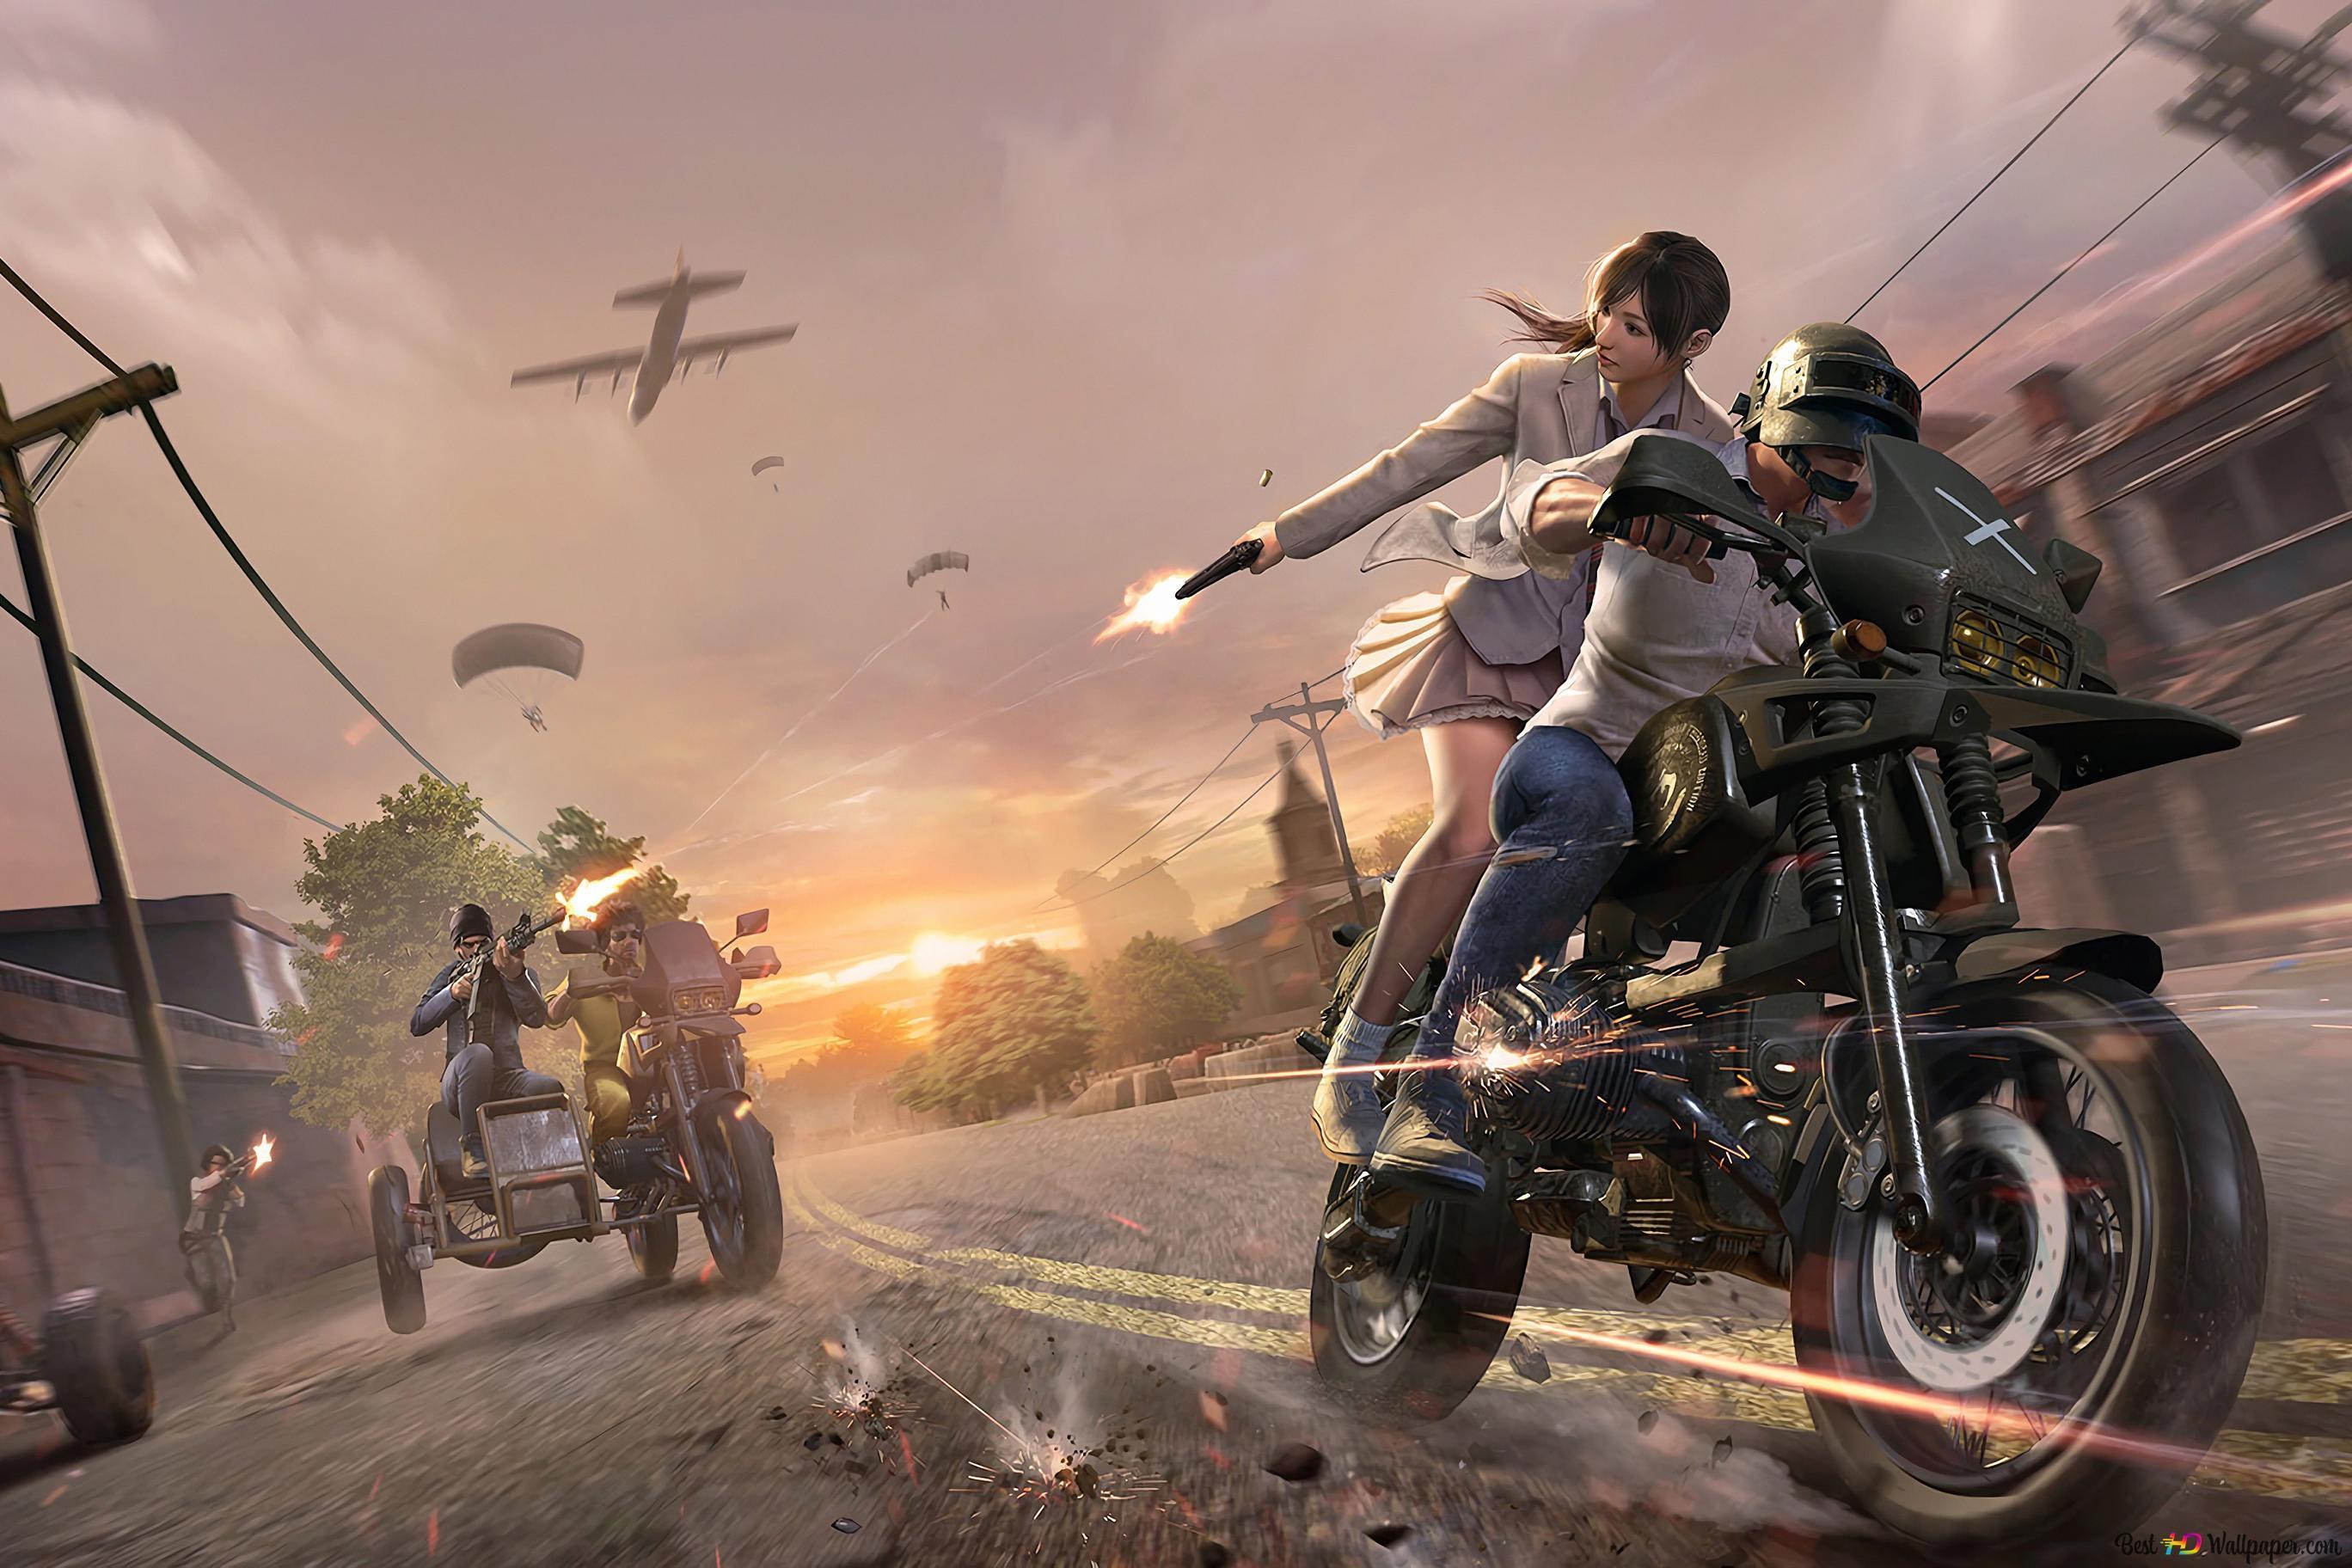 Playerunknown's Battleground (pubg) HD Wallpaper Download